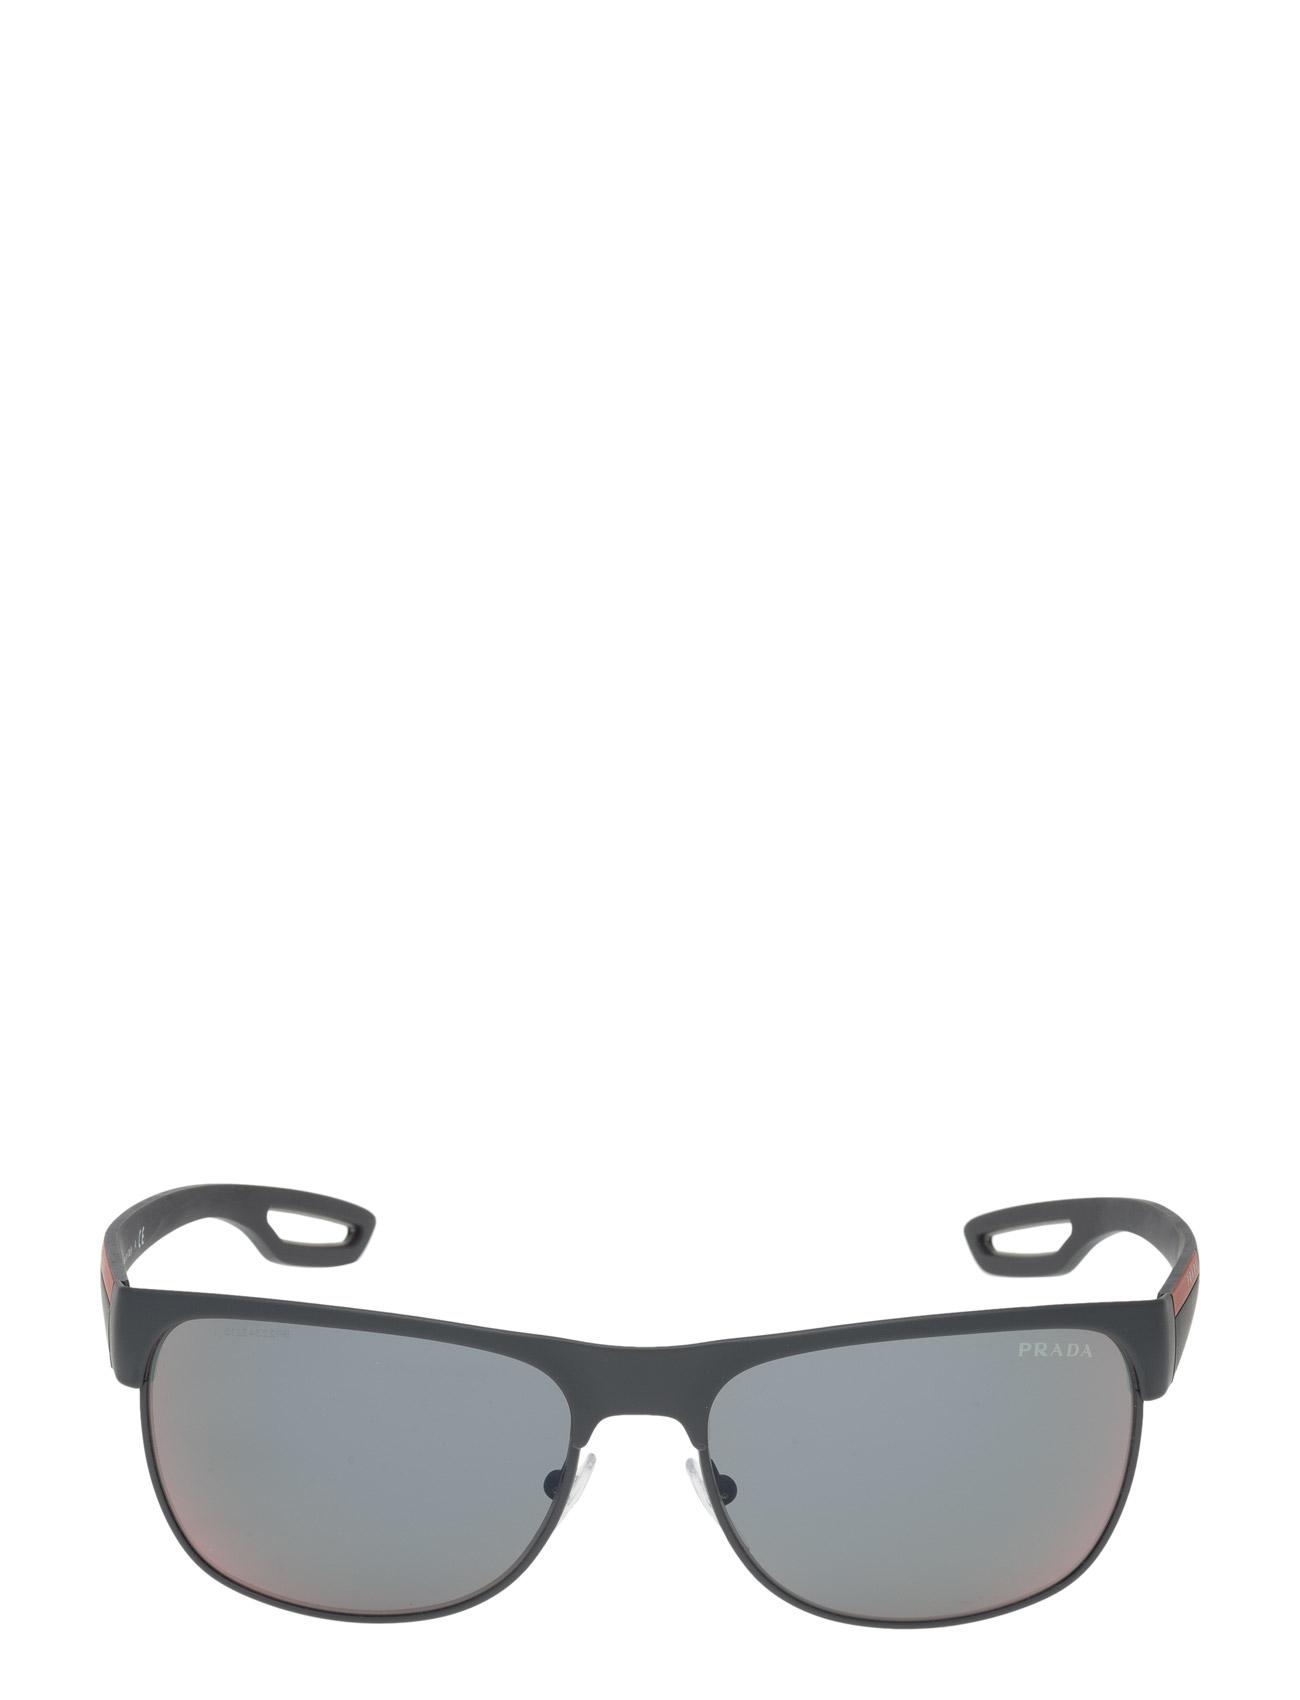 Lifestyle | Lj Silver Prada Sport Sunglasses Solbriller til Mænd i